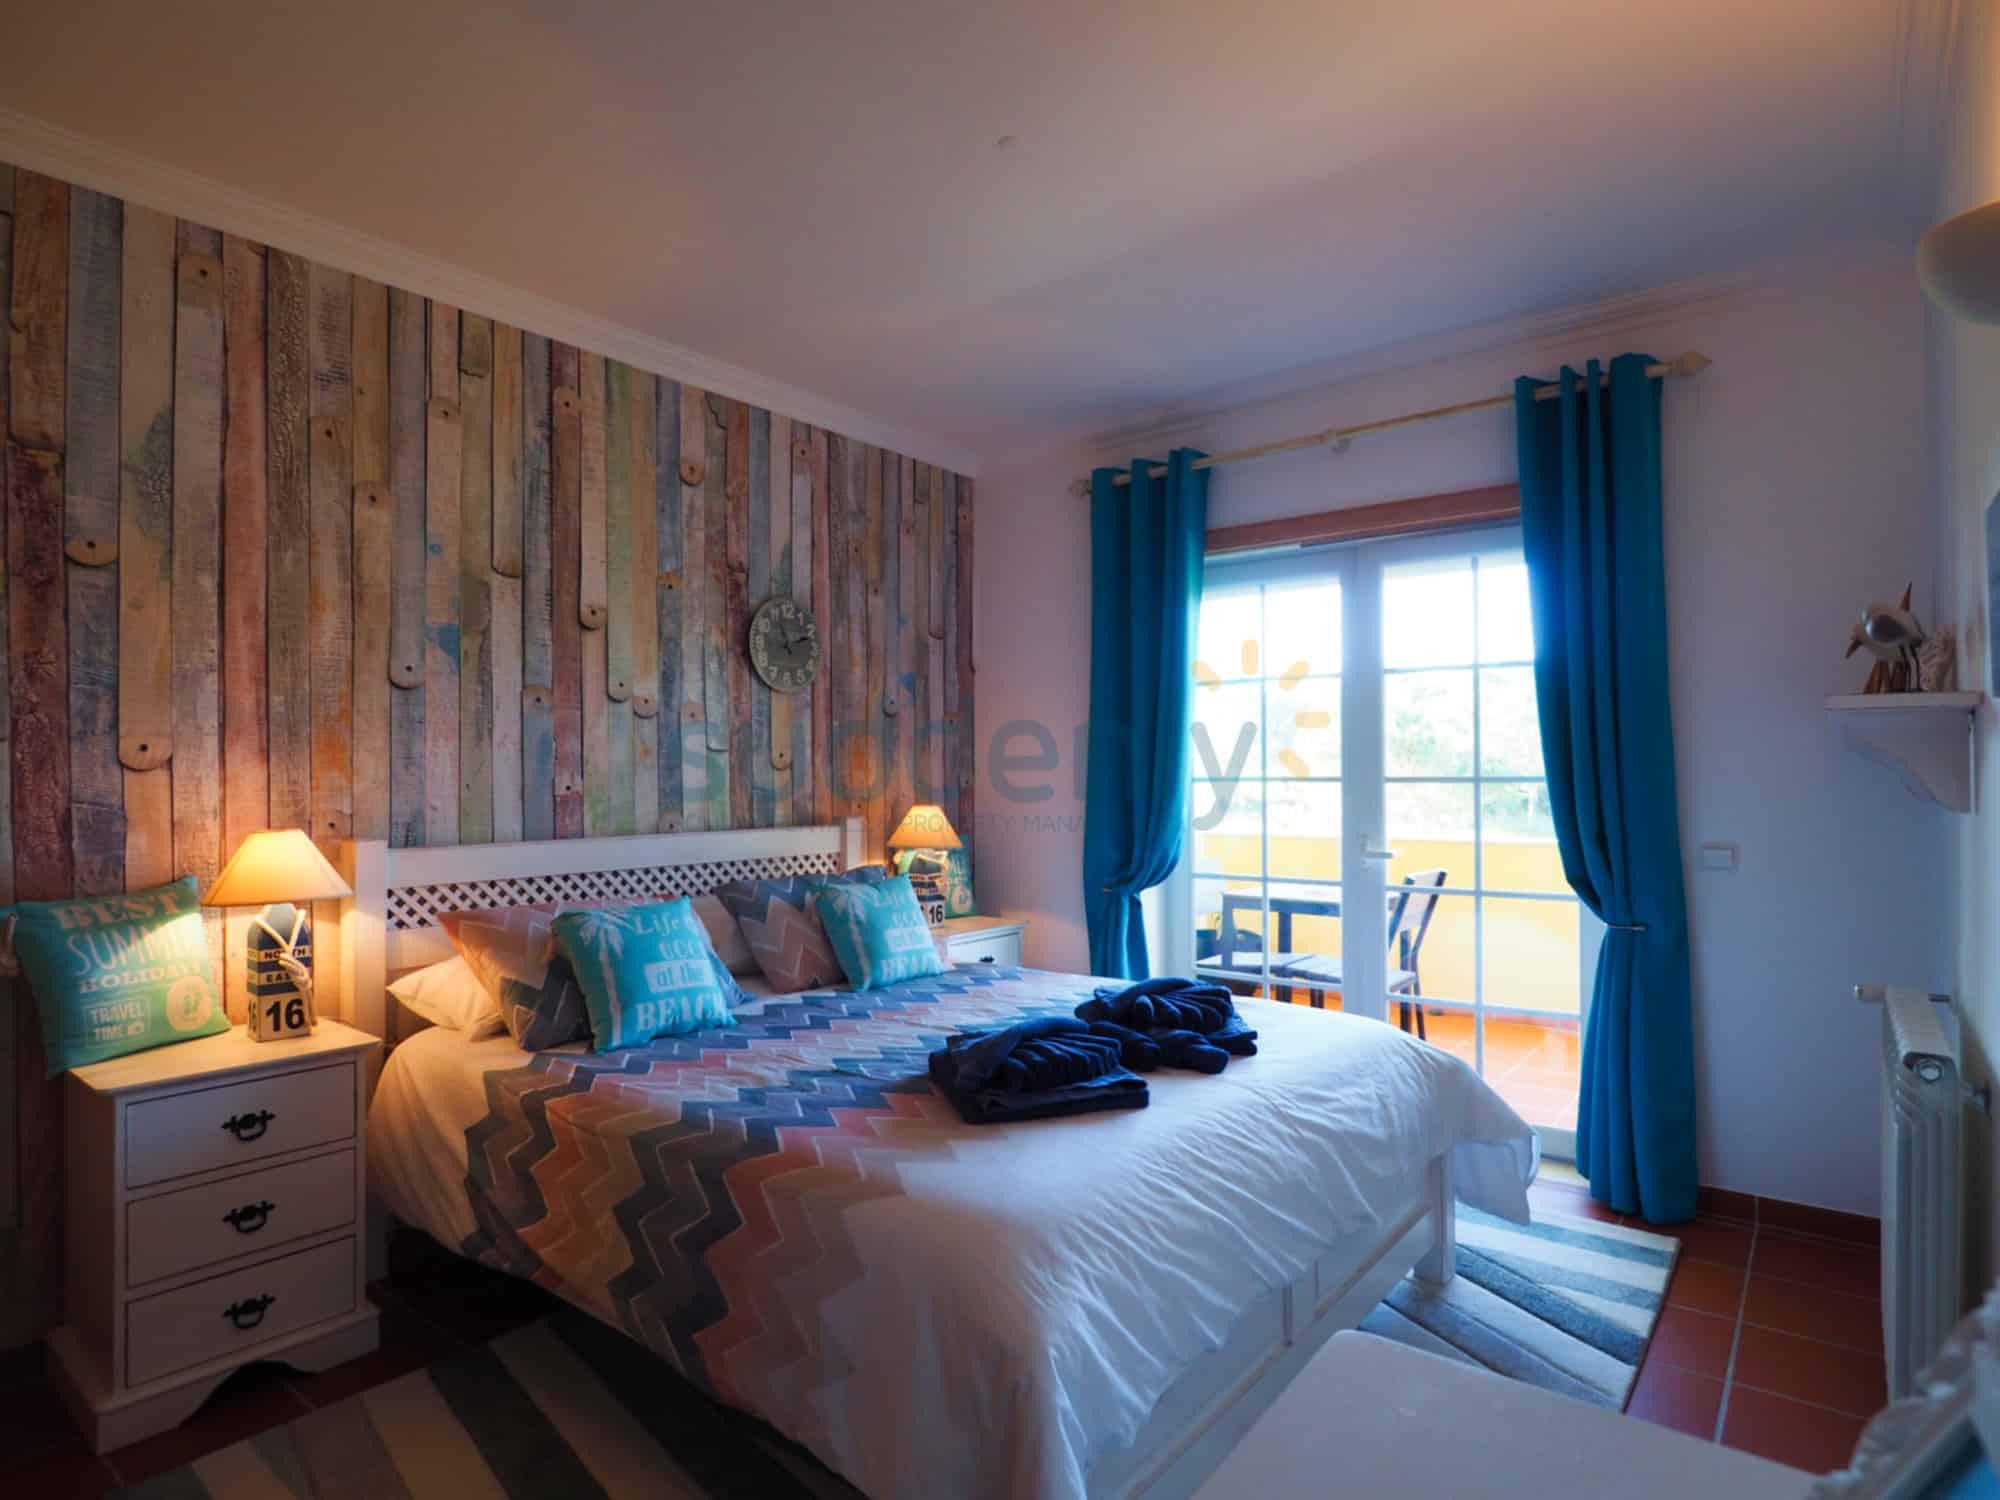 Holiday Rentals in Praia D'El Rey 115